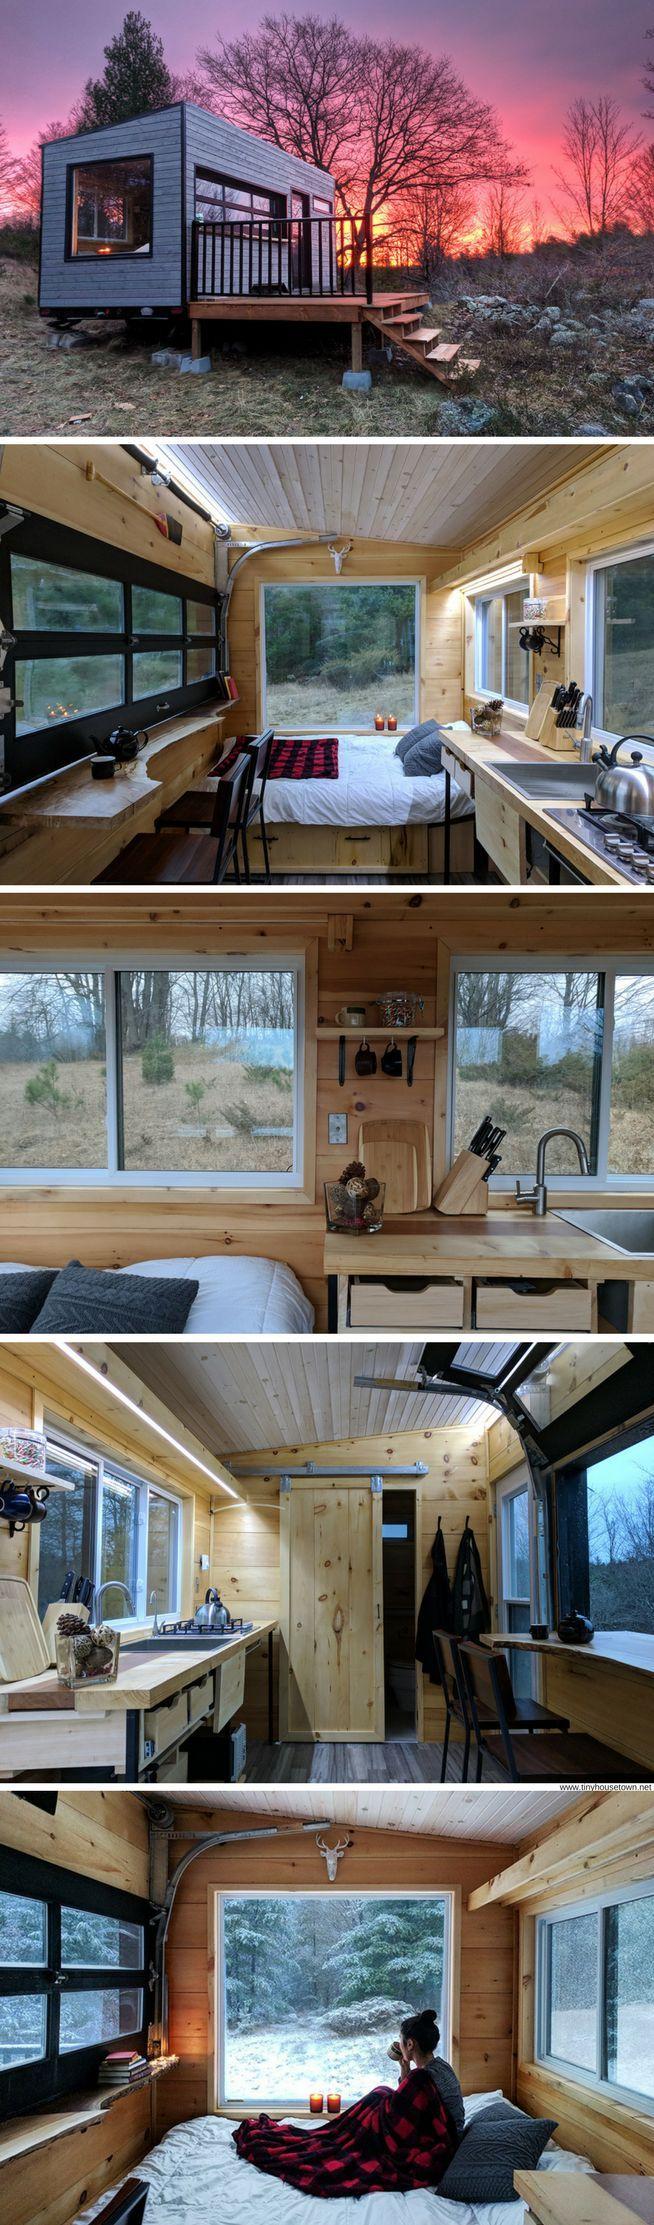 #tinyhouses #tinyhouse #tinyhome #smallhome #smallhouse #petitemaison #maisonsurroue #maisonmobile